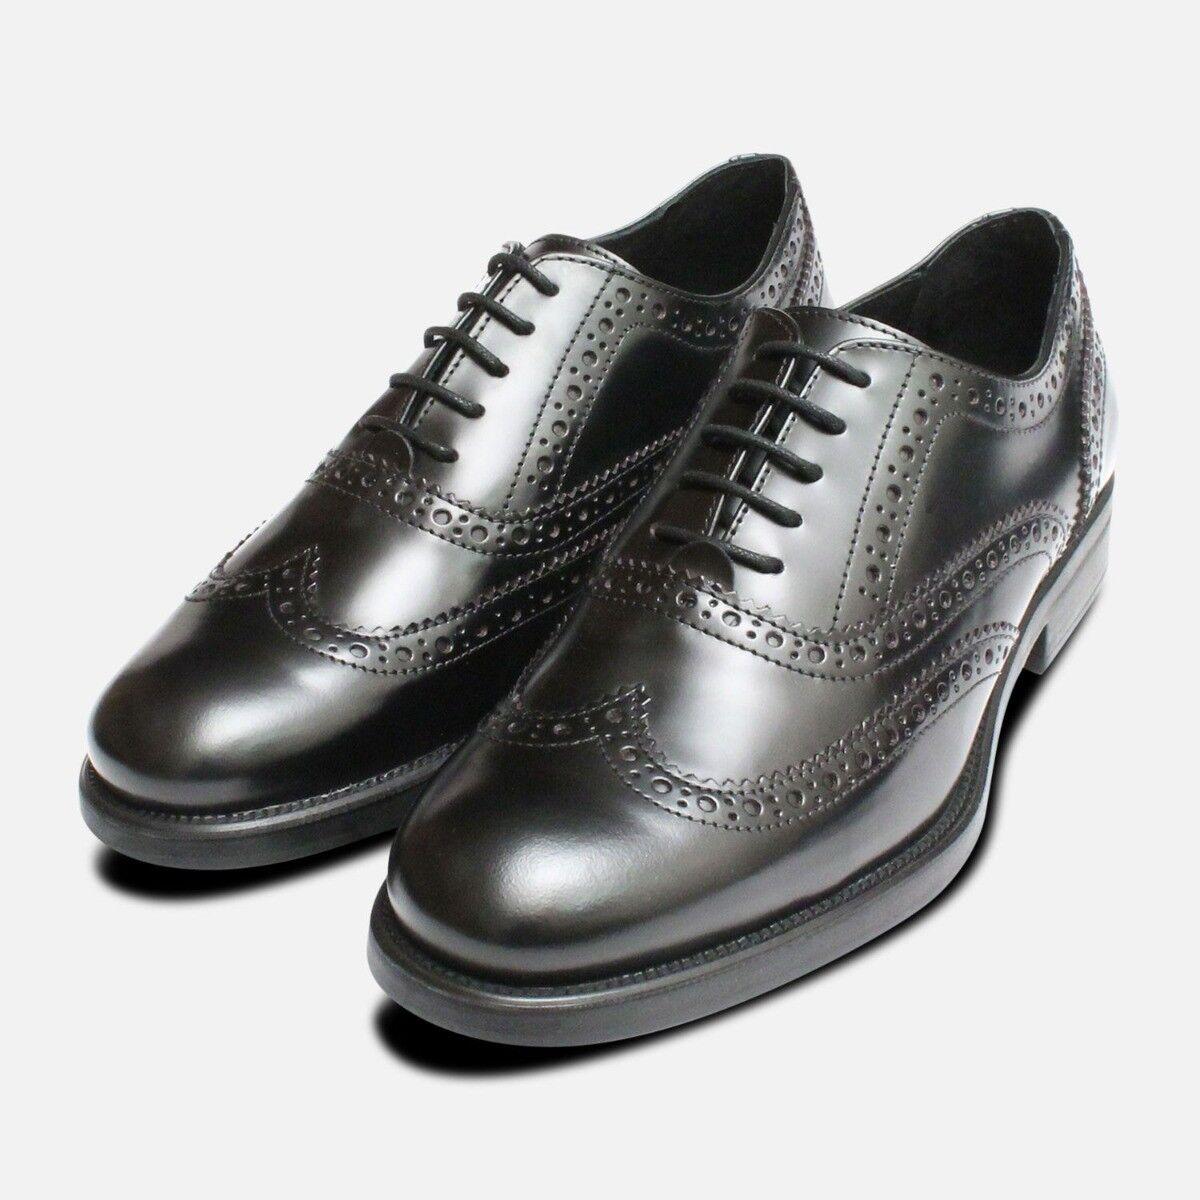 Oxford Noir Semelle en Caoutchouc Chaussures Richelieu Fait en Italie